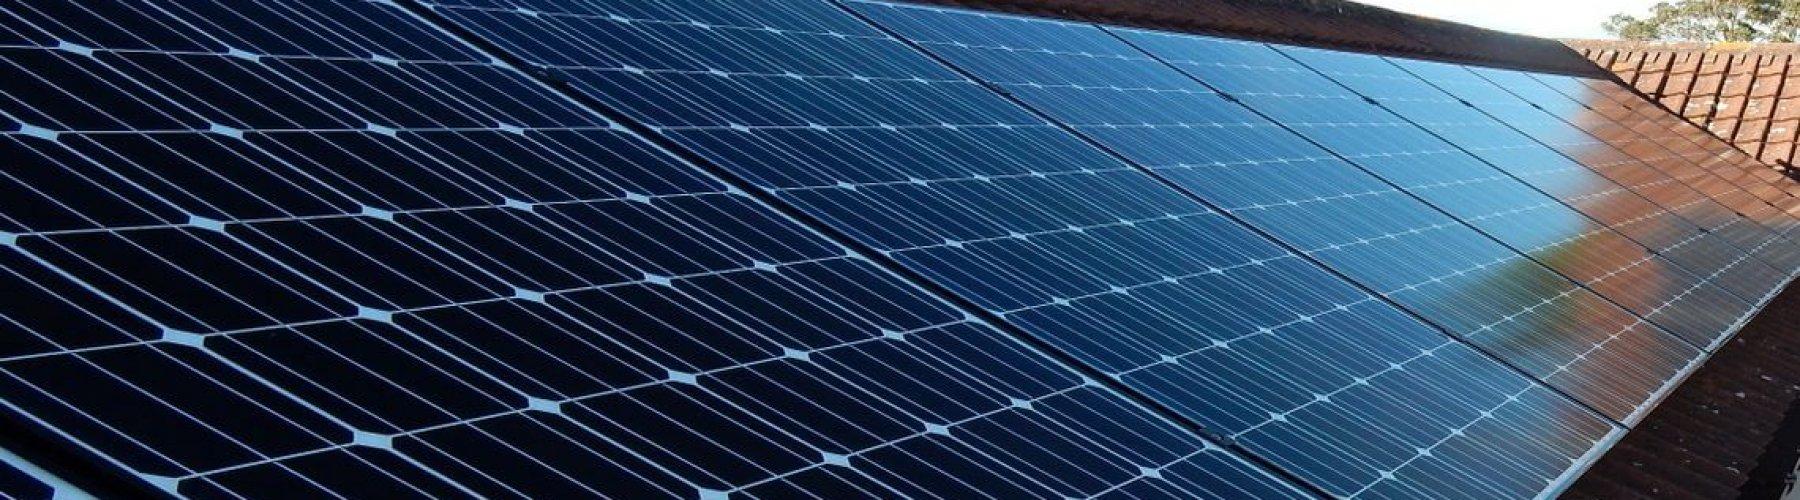 Zonnepanelen prijsverhoging 2021 serviceabonnementen solar technique